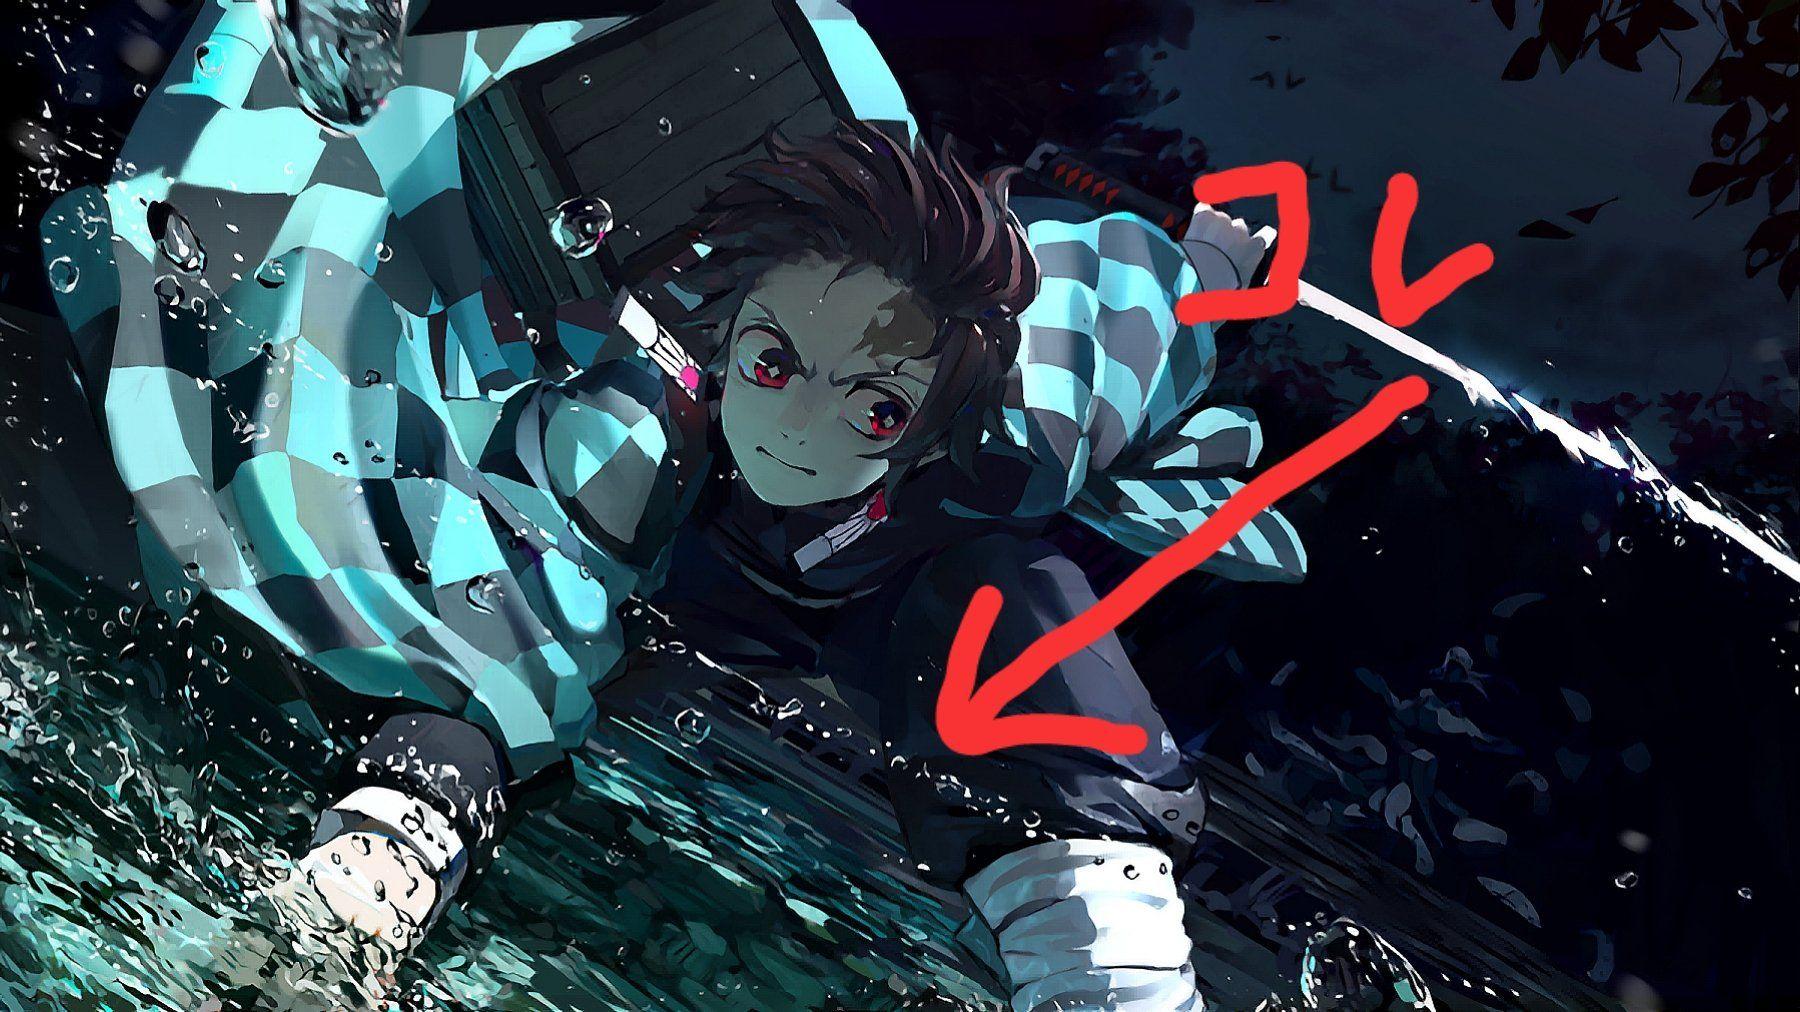 トマ斗 Toma To On Twitter Cool Anime Wallpapers Hd Anime Wallpapers Anime Wallpaper Download